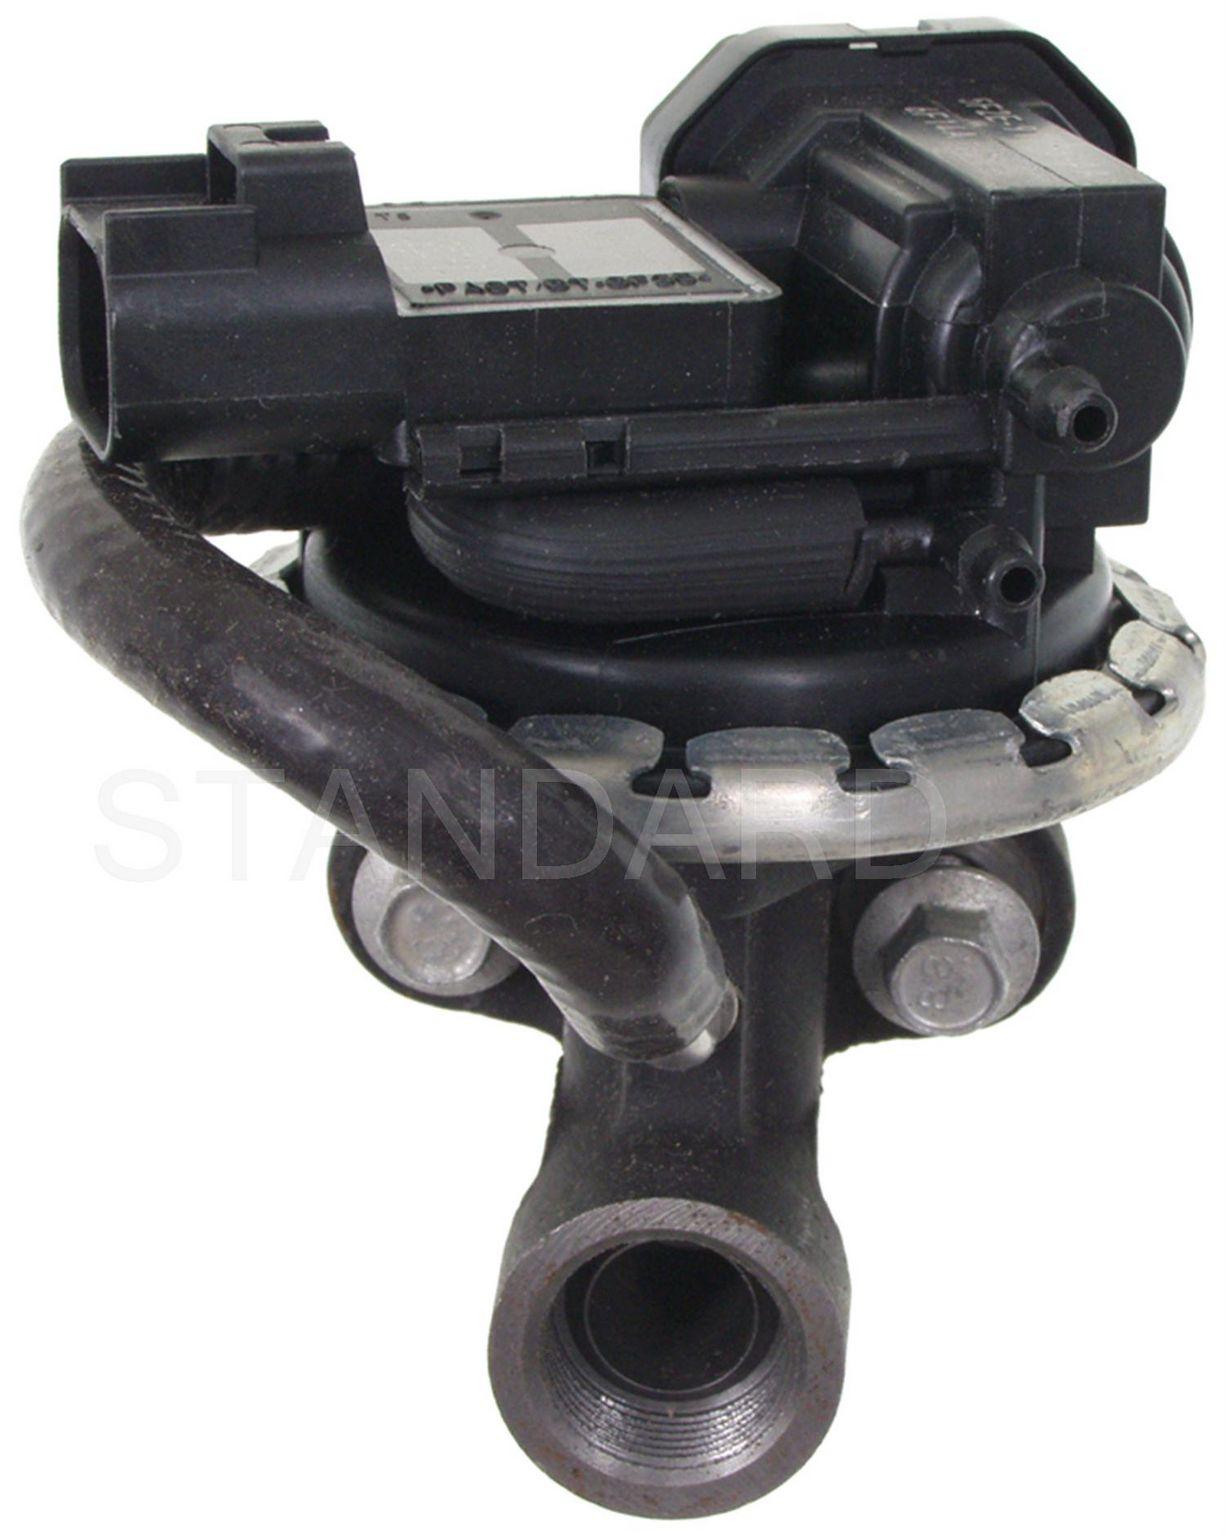 2005 ford freestar egr valve. Black Bedroom Furniture Sets. Home Design Ideas